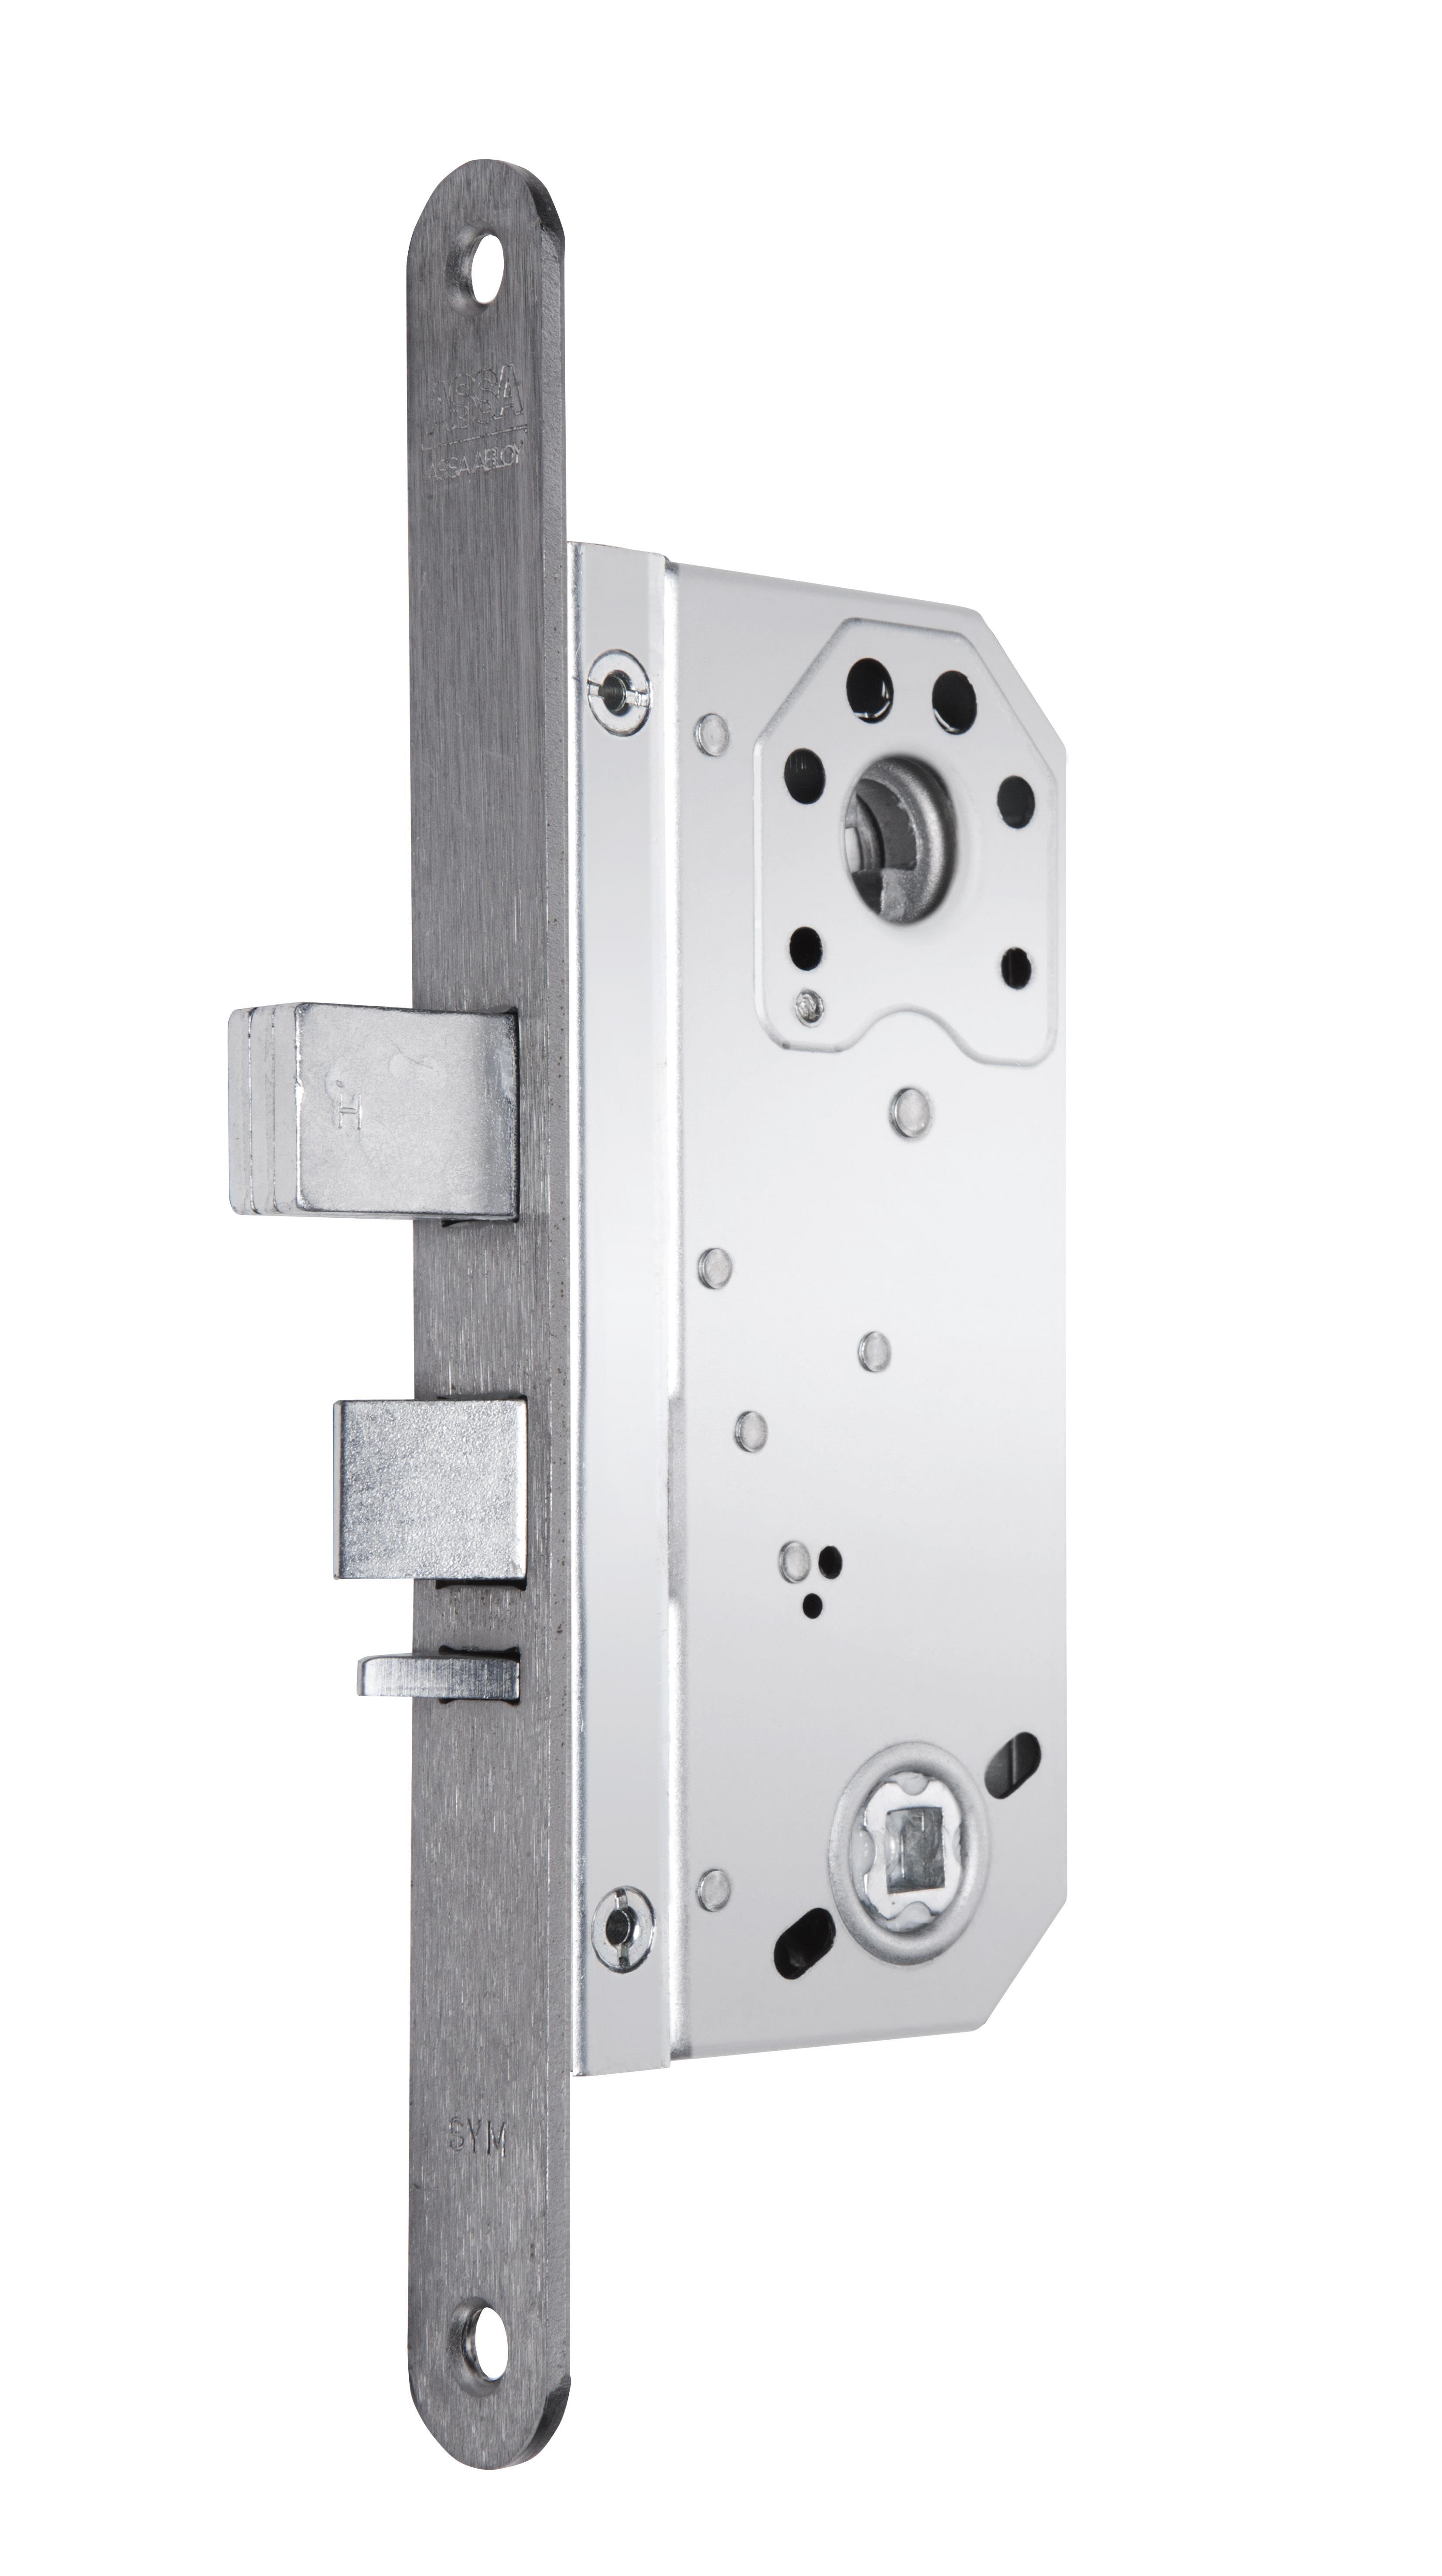 1520 - 1520 escape sash lock